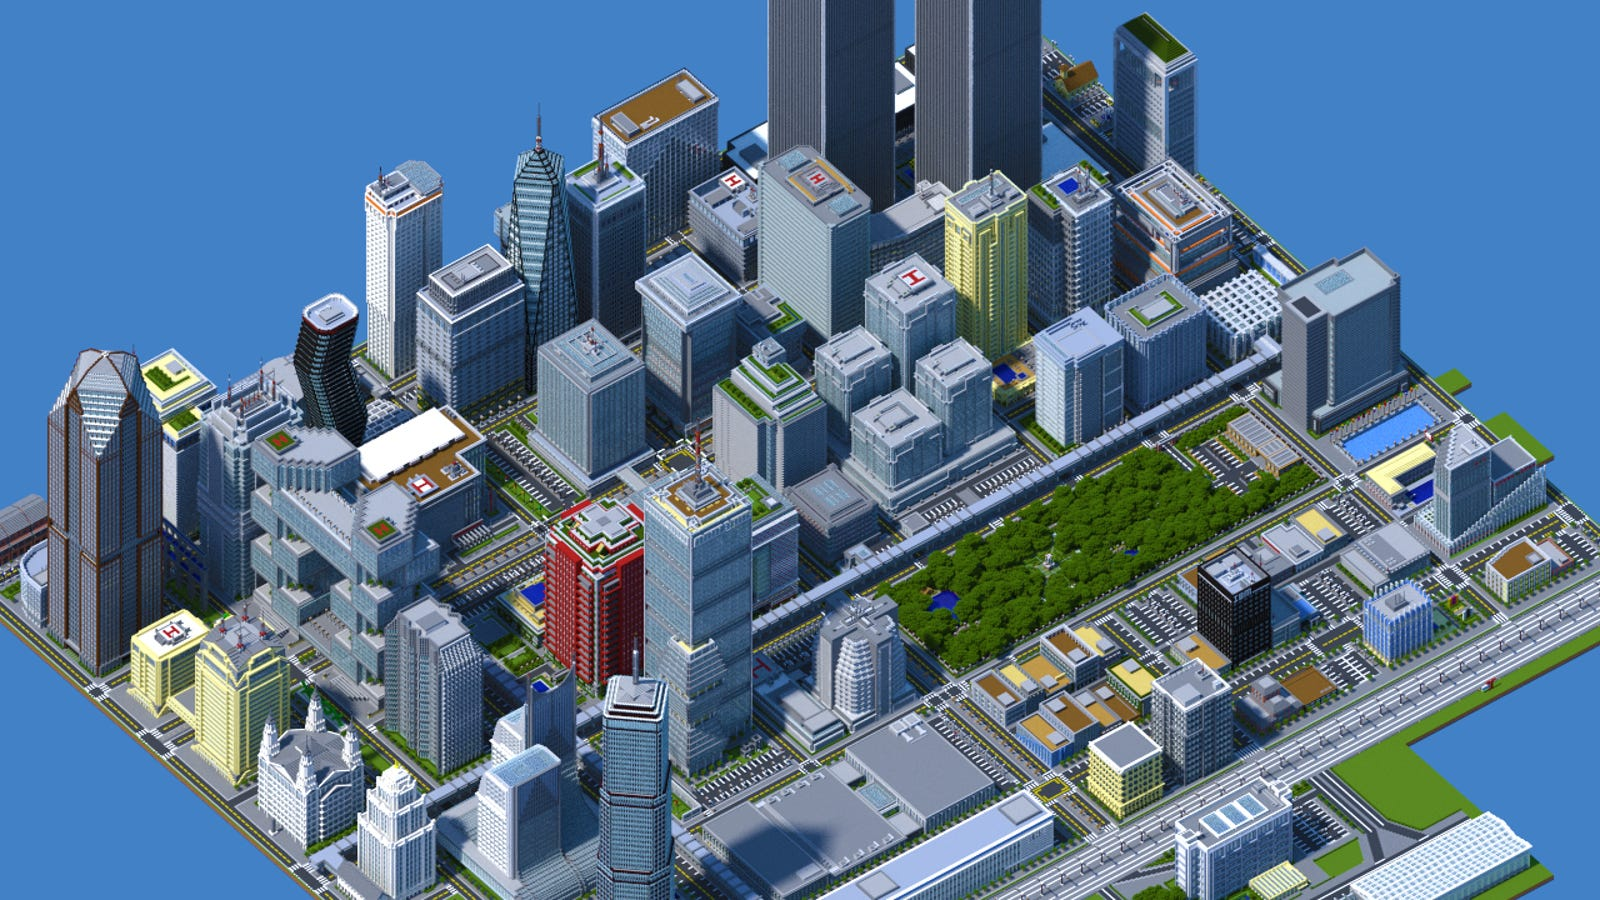 Esta inmensa ciudad en Minecraft tiene 4,5 millones de bloques